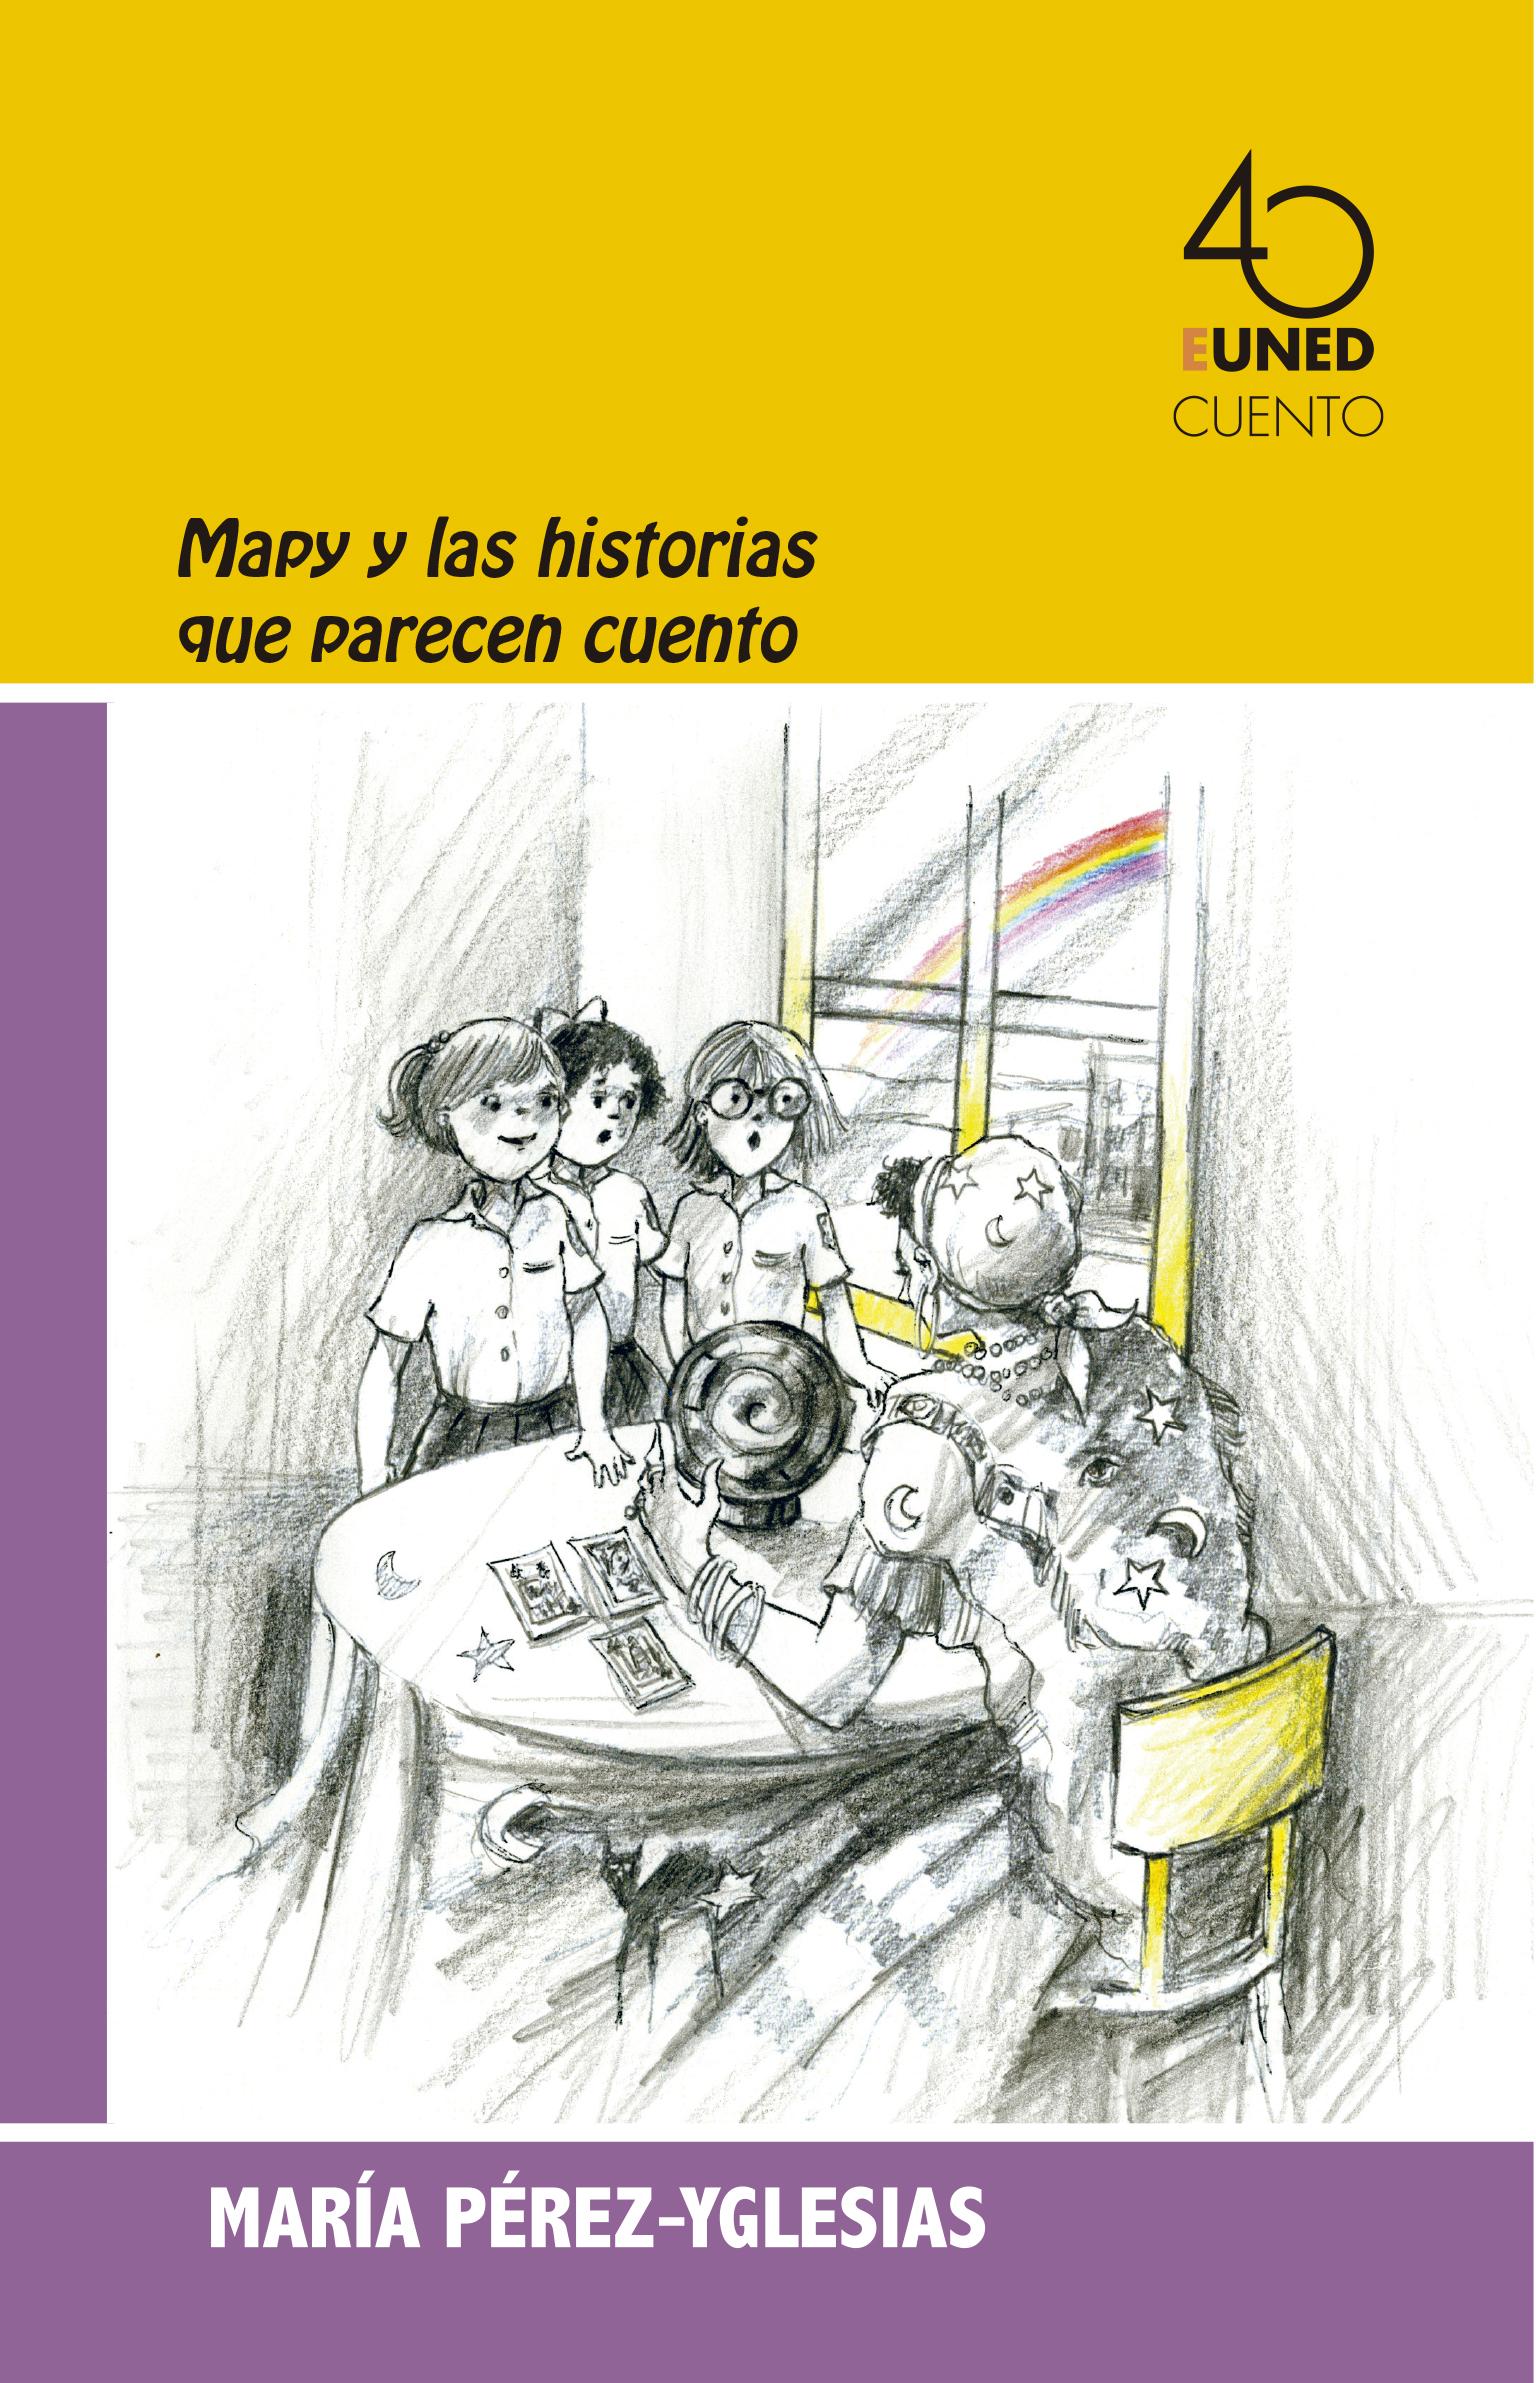 Mapy y las historias que parecen cuento